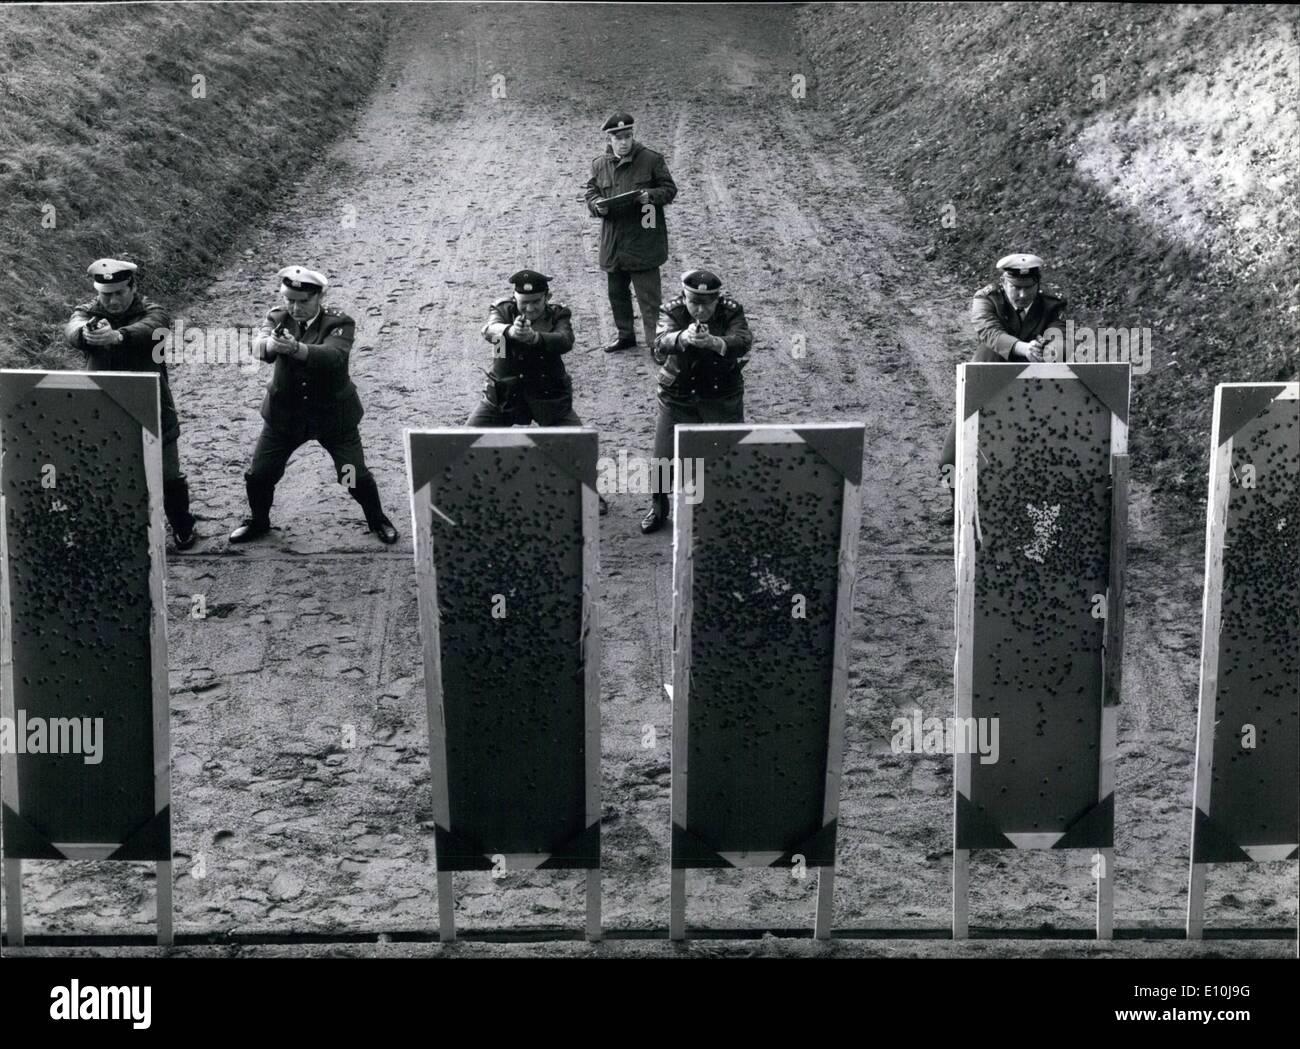 Diciembre 12, 1972 - Sharpshooter-Training para luchar contra el terrorismo y la fuerza: la matanza de Munich durante Foto de stock